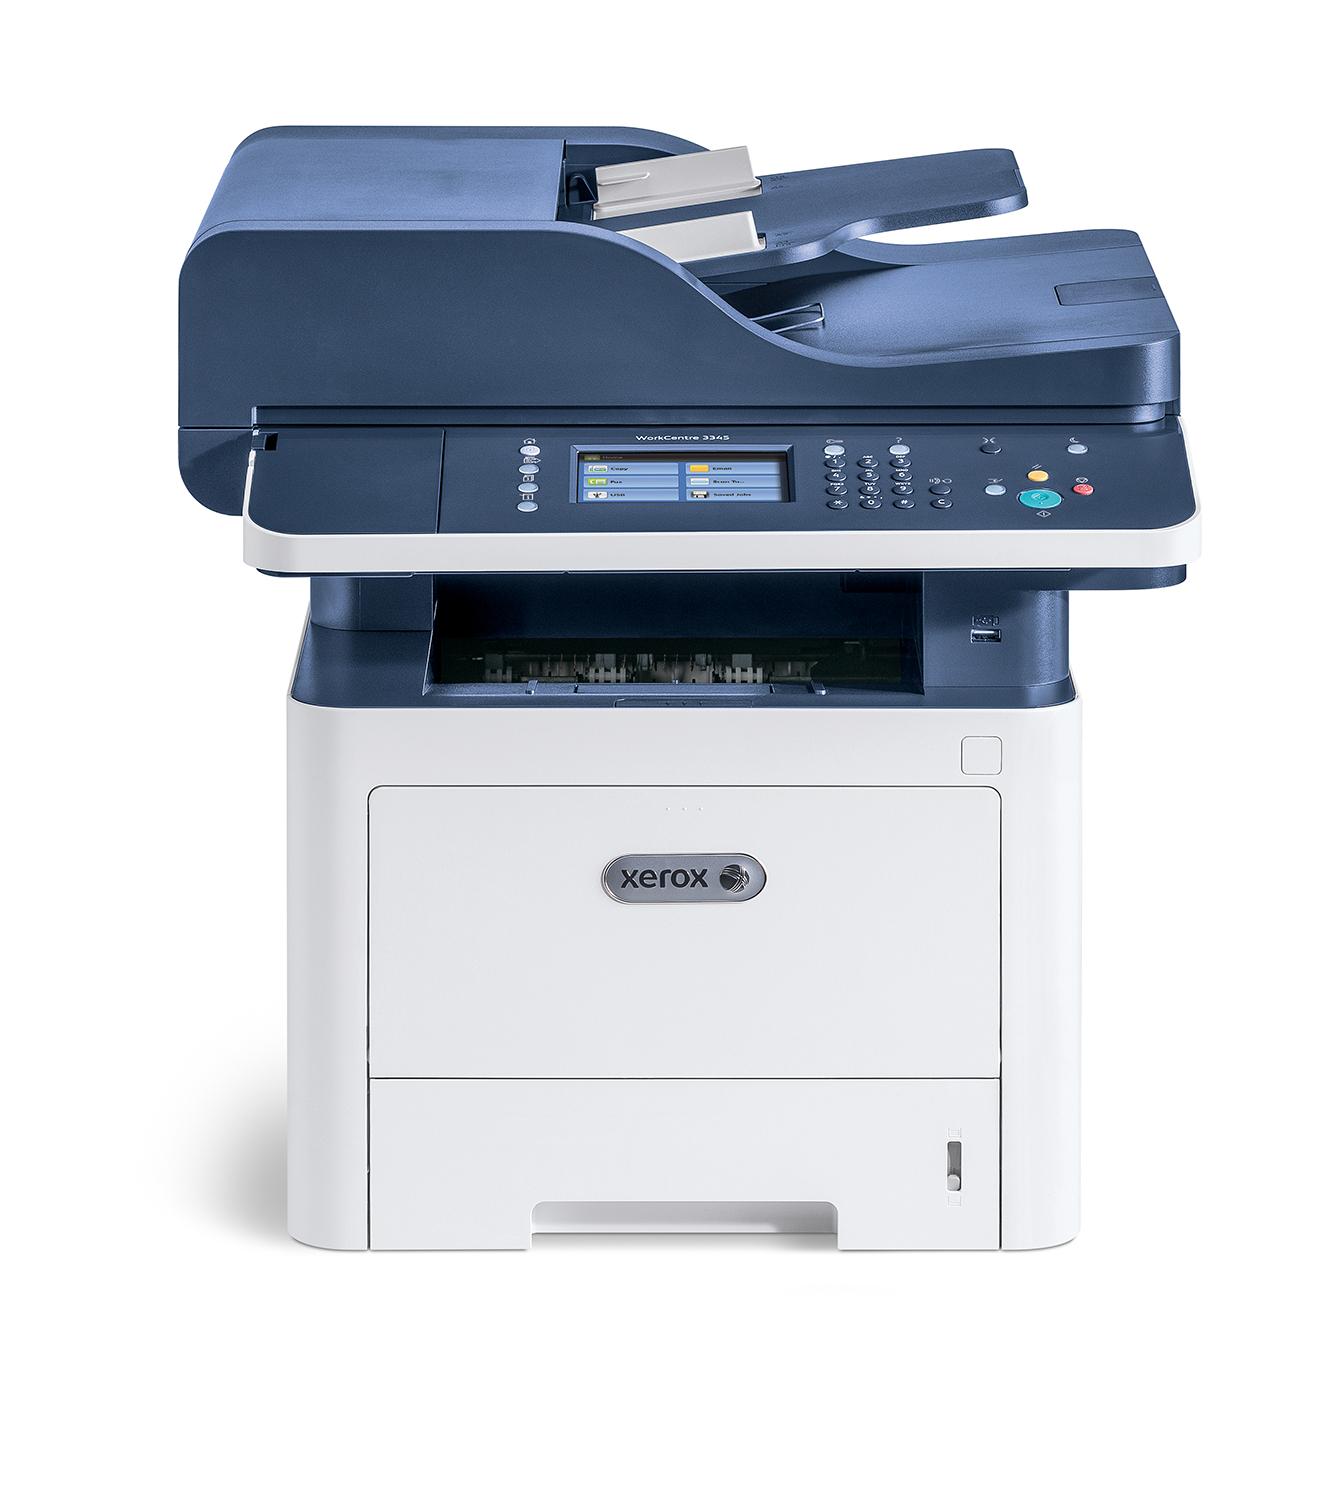 Xerox WorkCentre WC 3345 A4 40 ppm WiFi Doble cara Copia/impresión/escaneado/fax PS3 PCL5e/6 DADF 2 bandejas 300 hojas